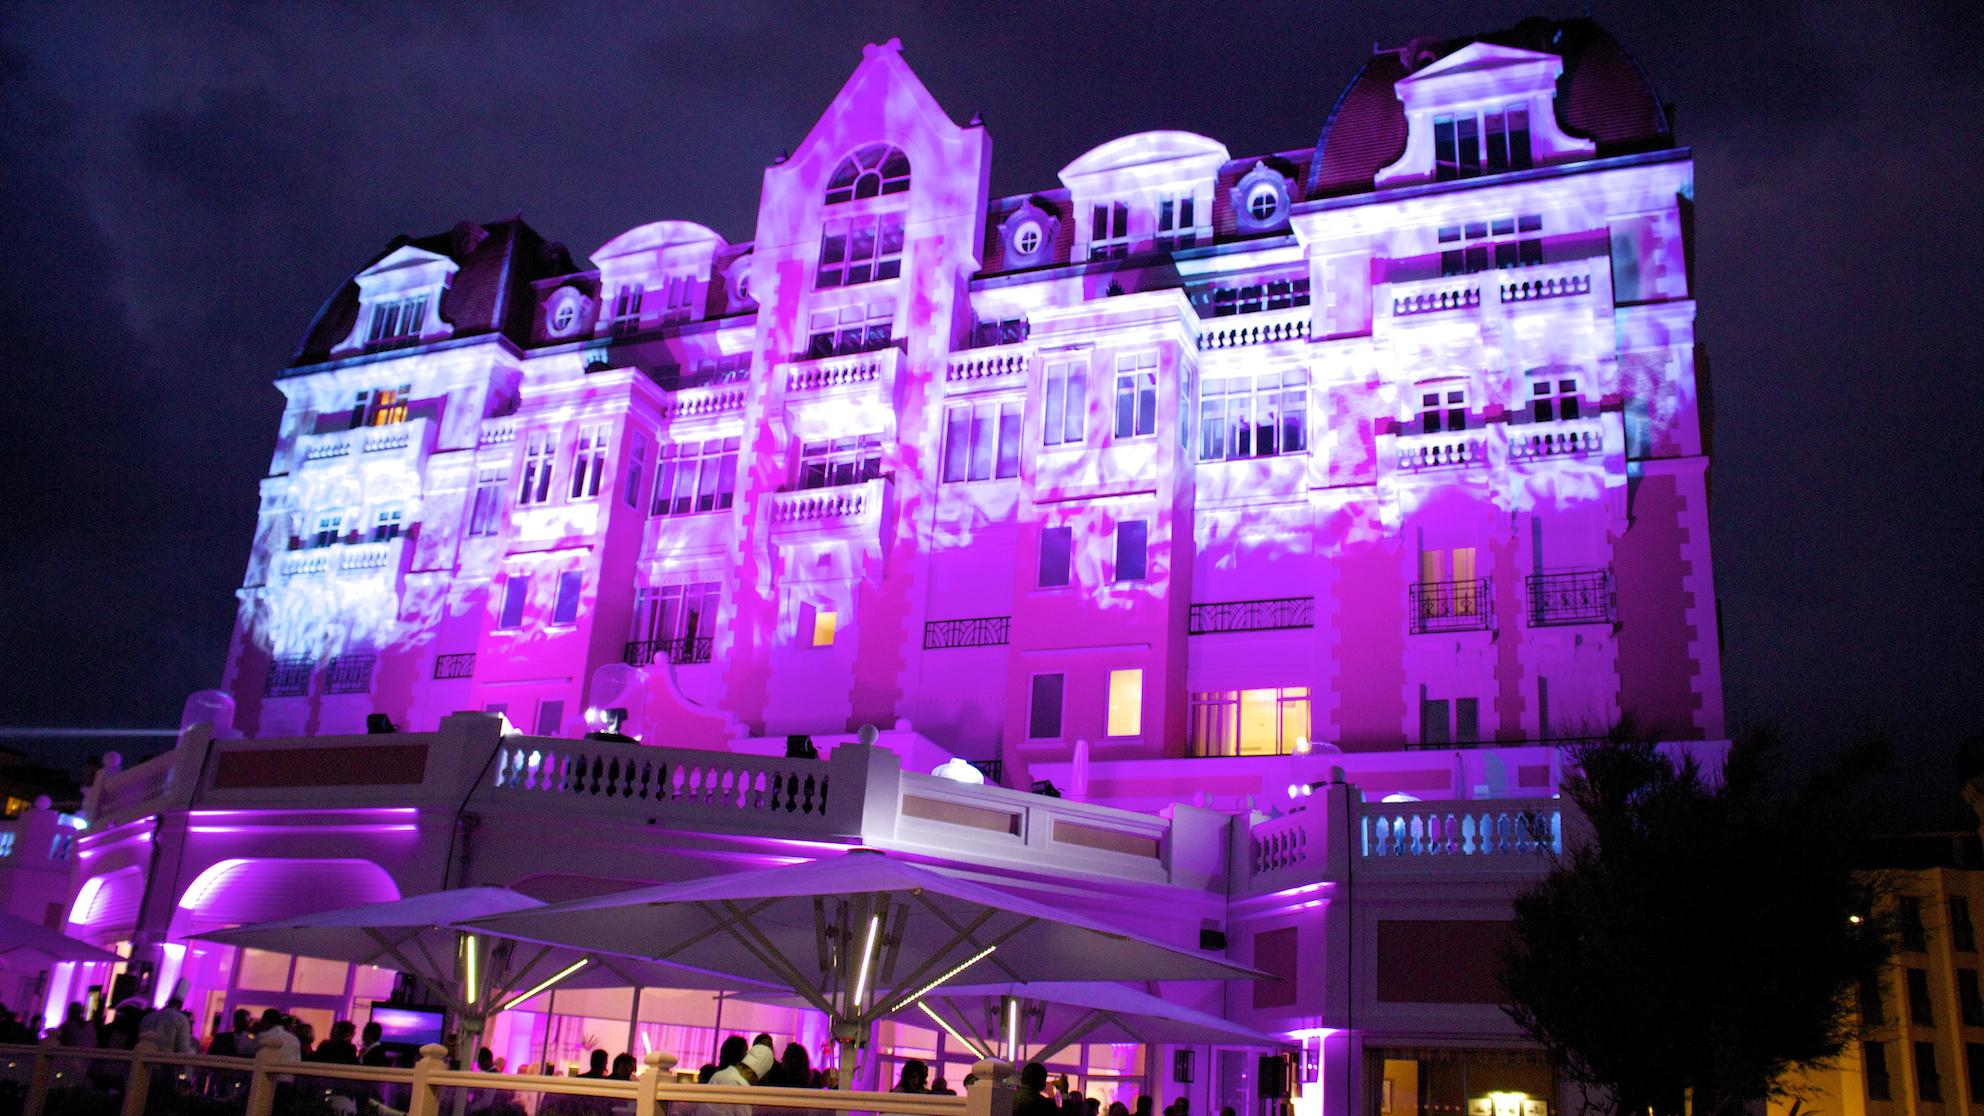 INAUGURATION-GRAND-HOTEL-saint-jean-de-luz-agence-evenementielle-pays-basque-le-cercle-evenements- 488